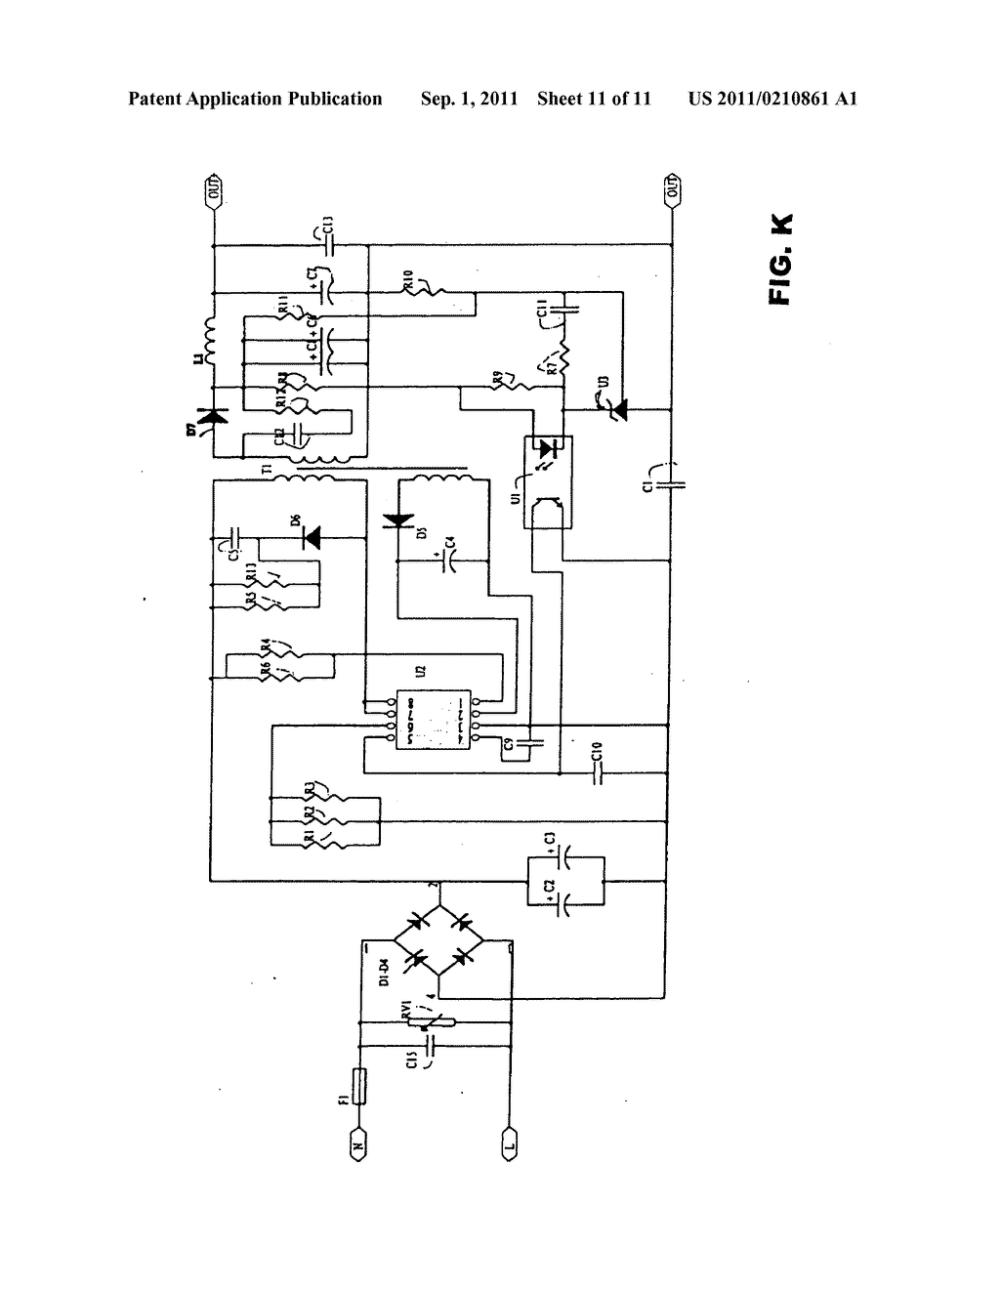 medium resolution of exit sign schematic data diagram schematic exit sign wiring schematic exit sign schematic